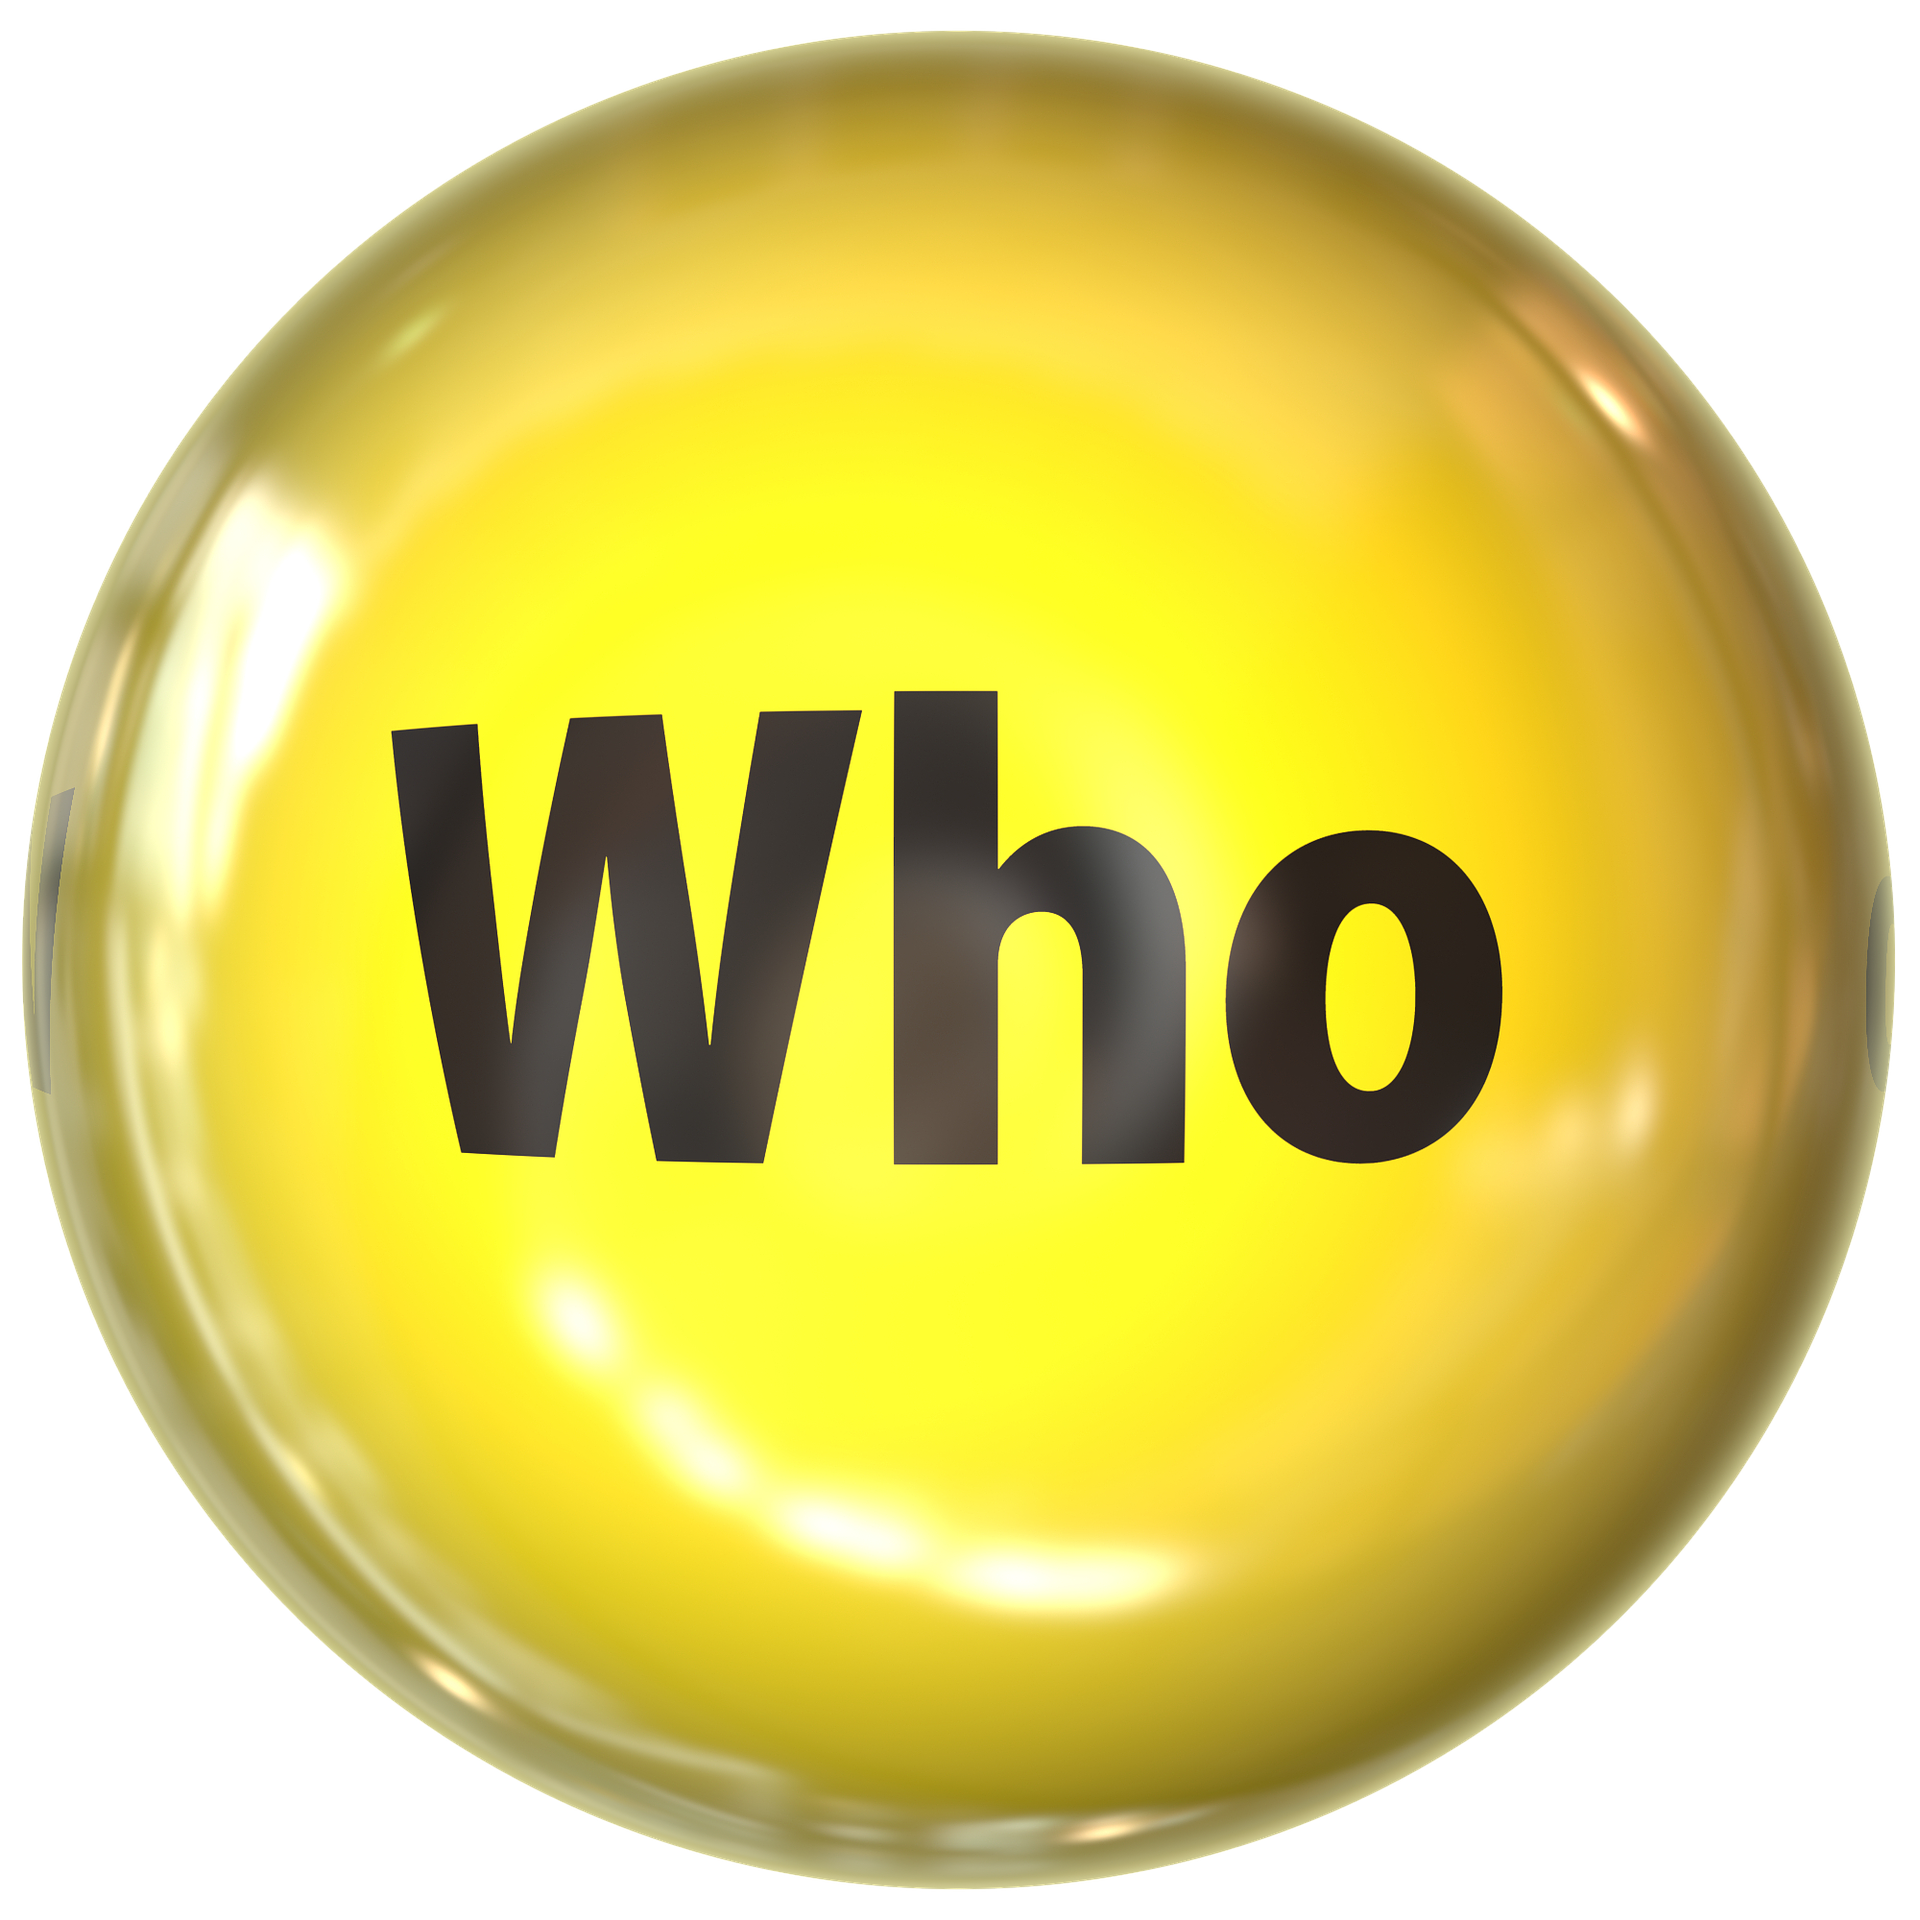 Influencer: Who Me?